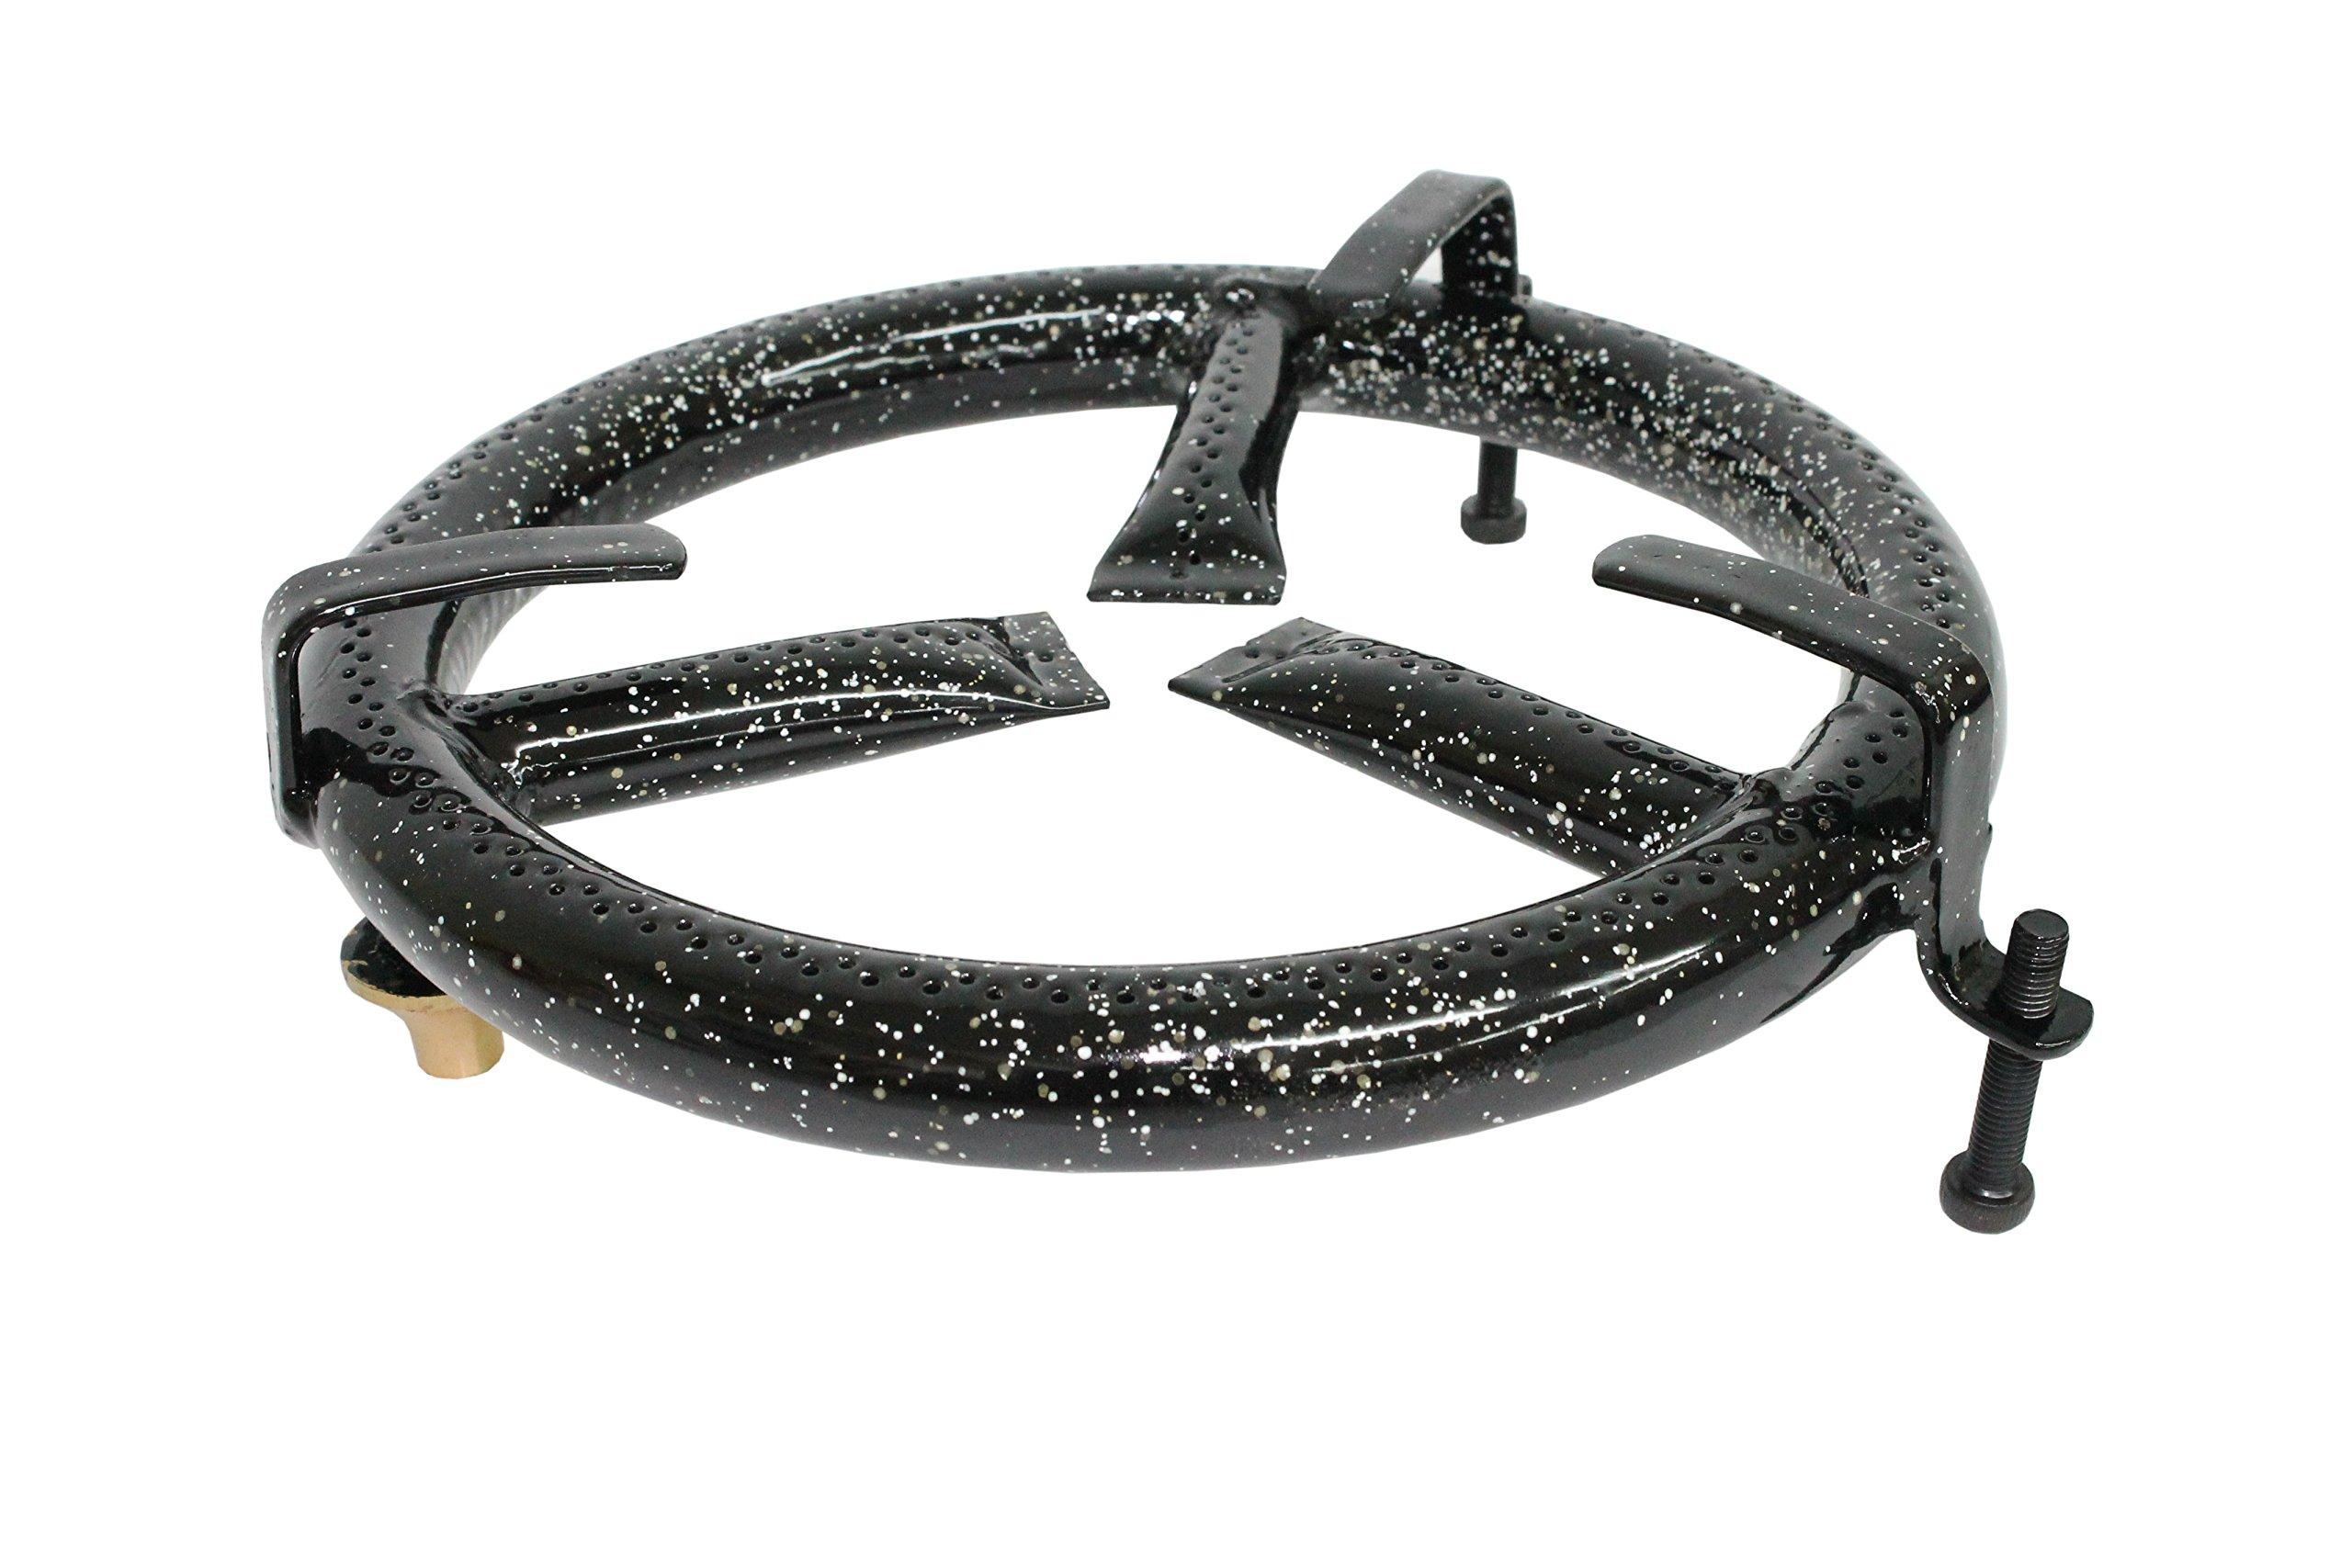 Garcima 20100 – Hornillo paellero sobrecocina, 20 cm, color negro